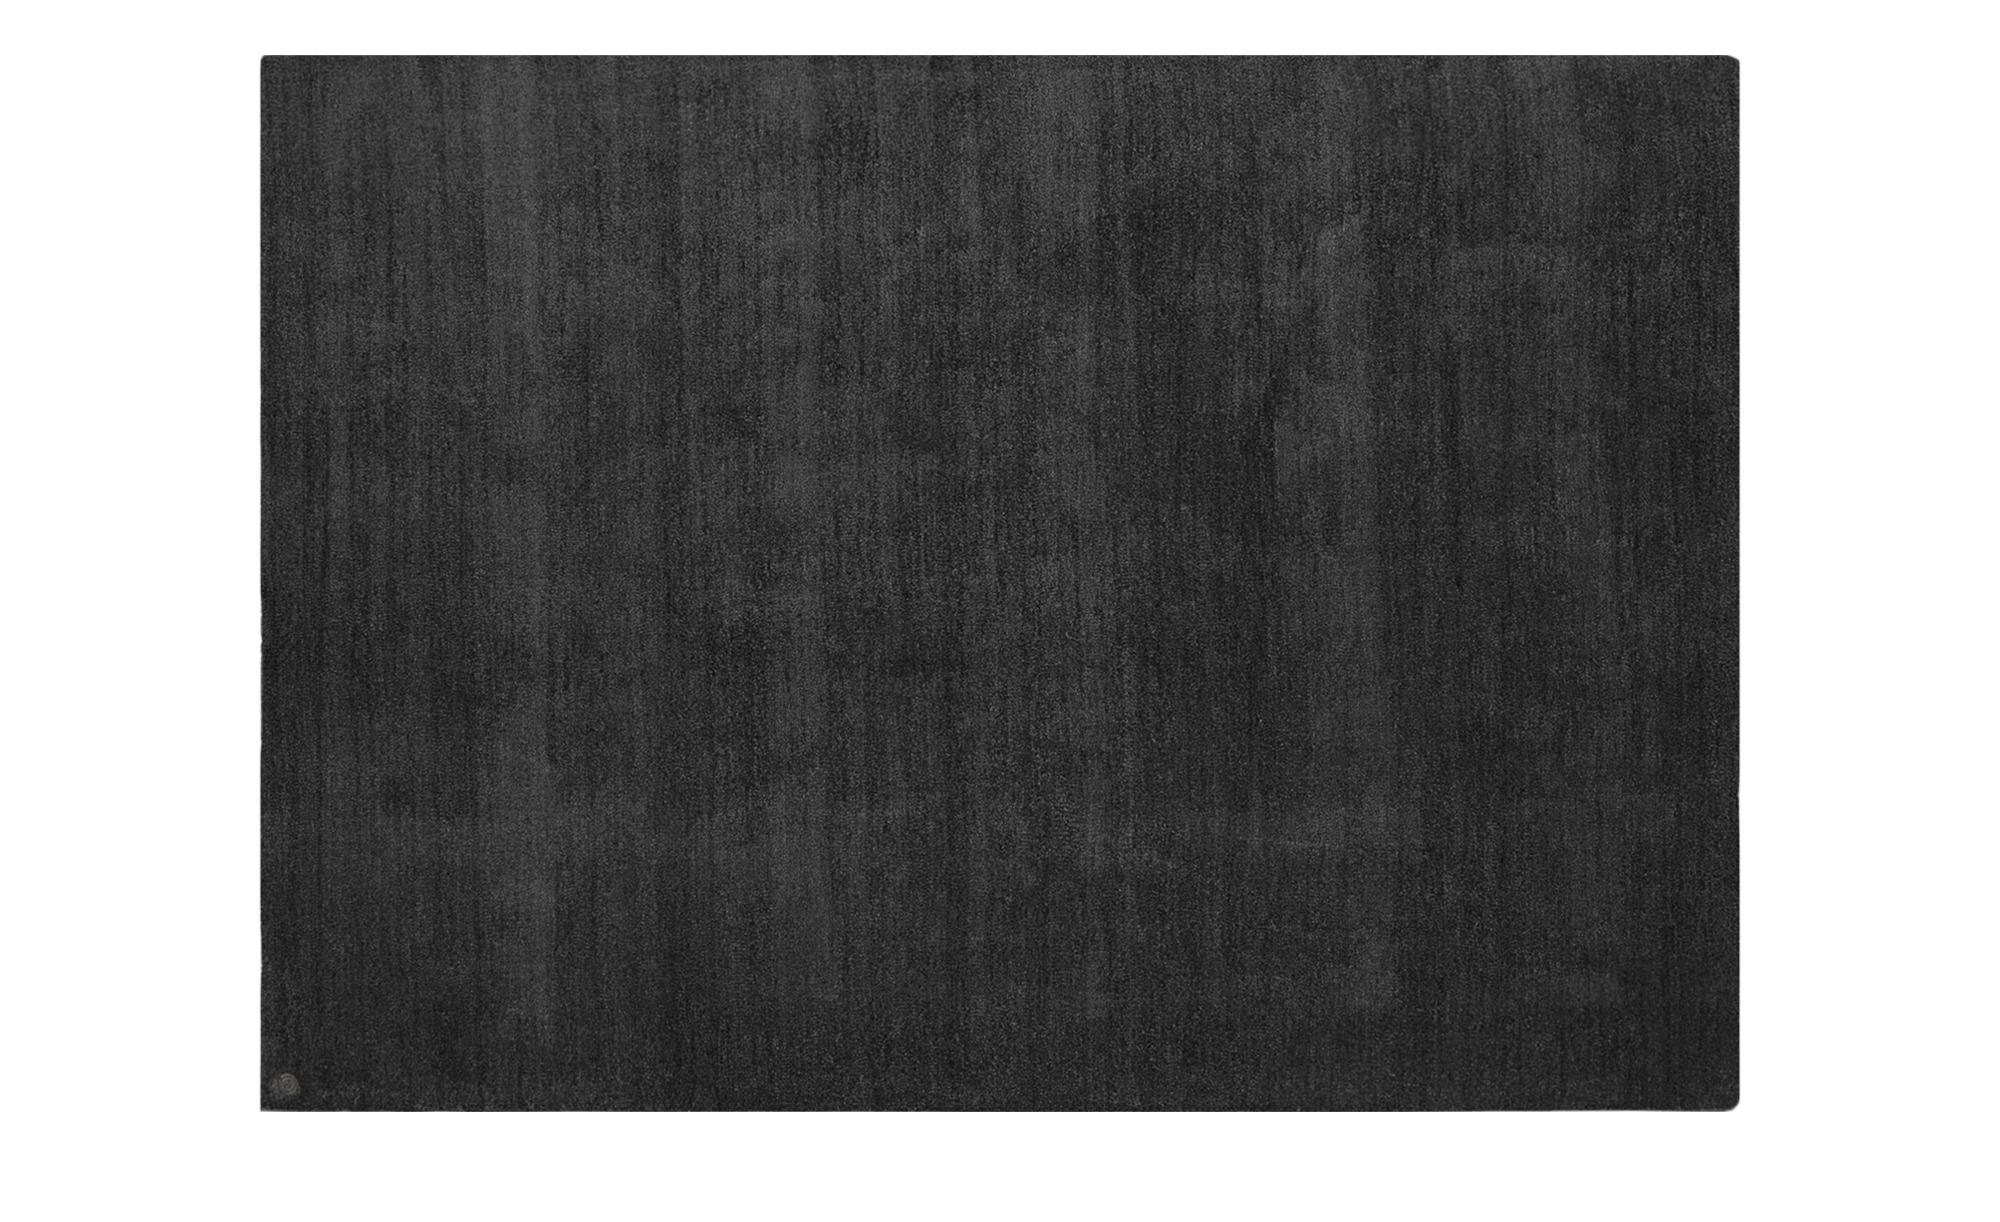 tom tailor handtuft teppich powder breite 85 cm h he. Black Bedroom Furniture Sets. Home Design Ideas